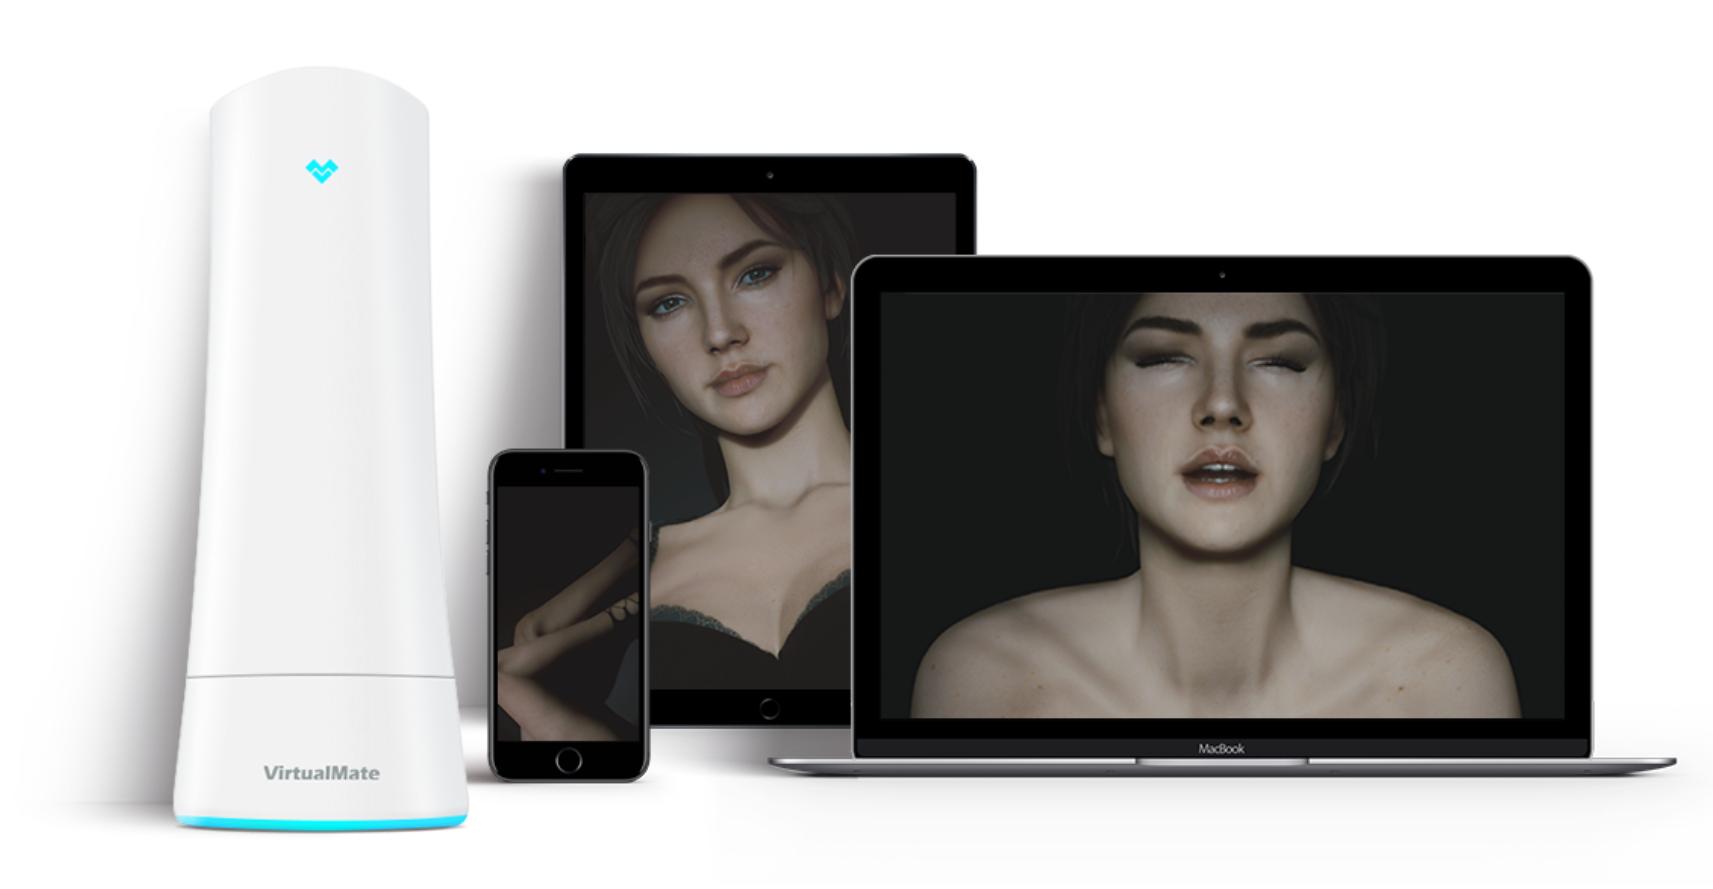 يعمل Virtual Mate عبر مجموعة من الأجهزة